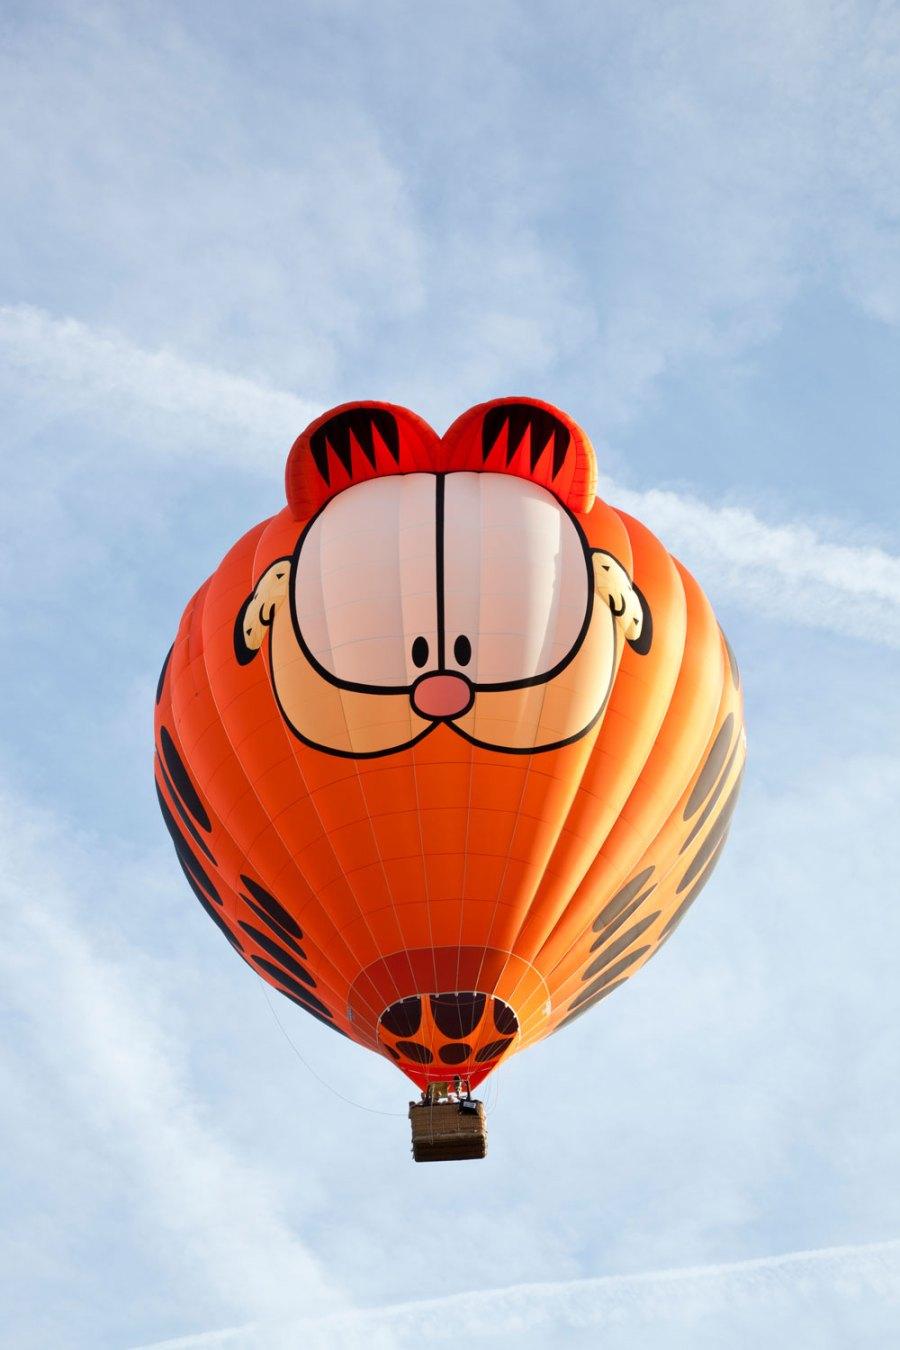 Balon udara besar bertema Garfield terbang di langit